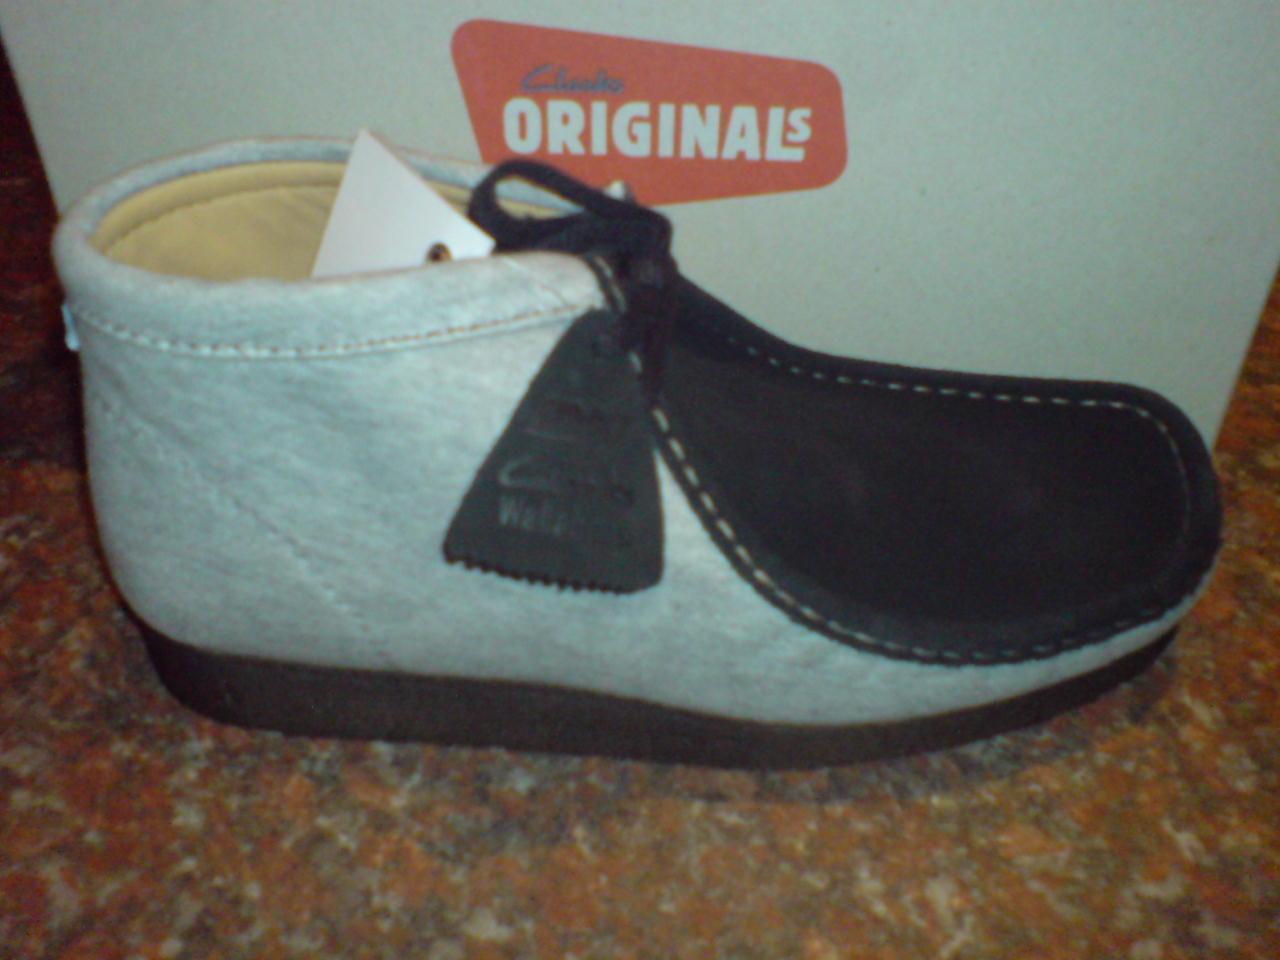 Clarks Originals   Uomo  WALLABEES  Originals Stiefel  GREY / BLACK  UK 7,7.5,8.5,10,11 c83110